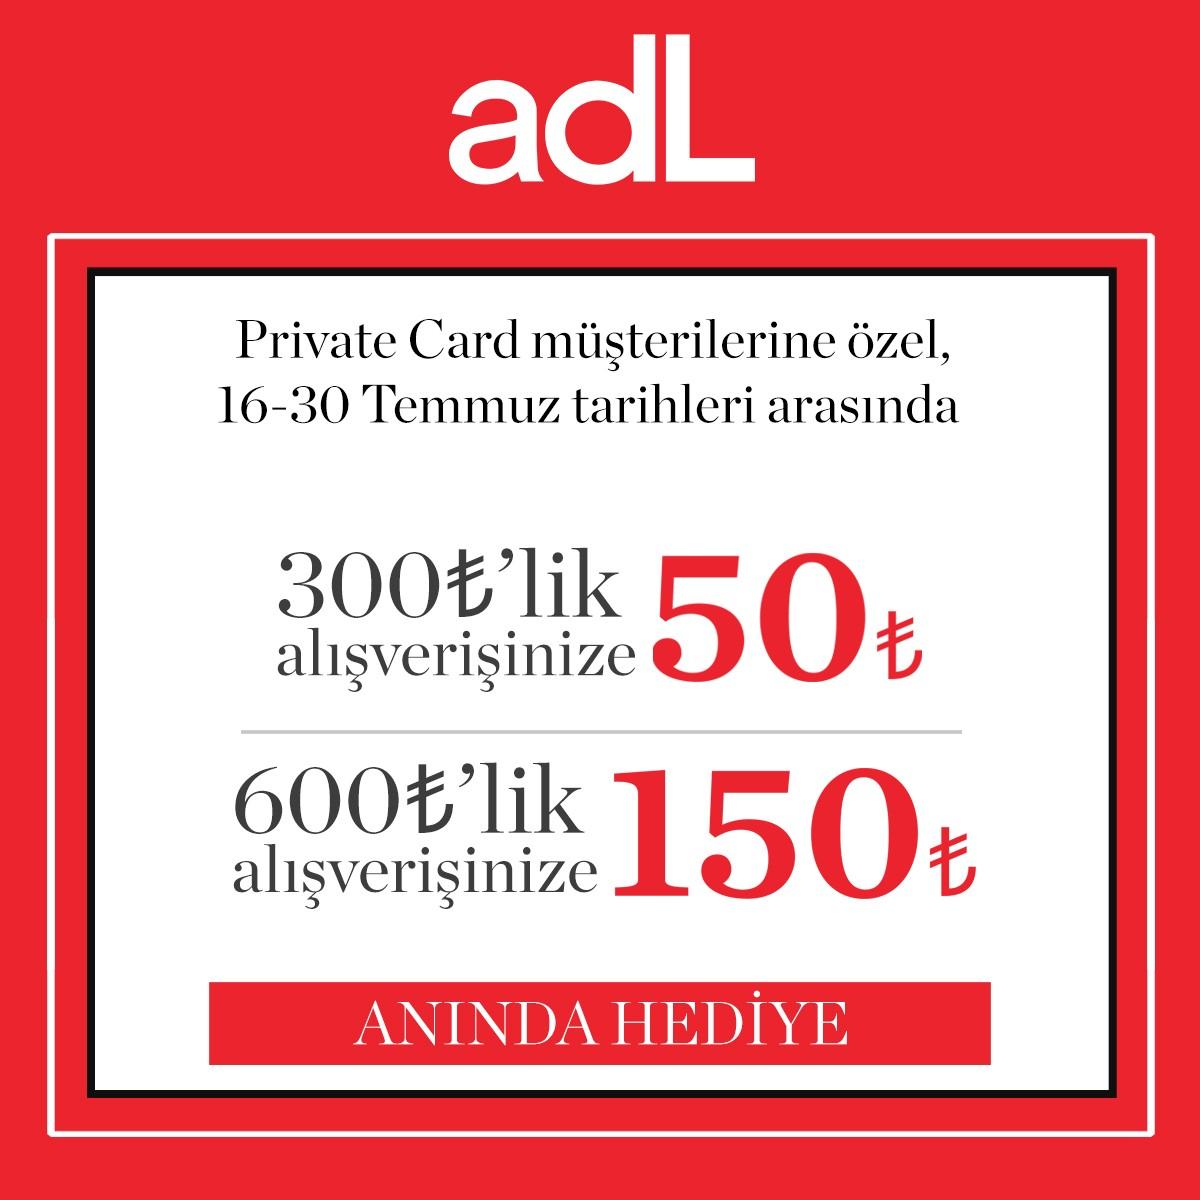 #AntalyaMigros AVM adL'de kaçırılmayacak fırsat! 30 Temmuz'a kadar 300 TL'lik alışverişlerinize 50 TL, 600 TL'lik alışverişinize 150 TL anında hediye! #adL #adLeffect